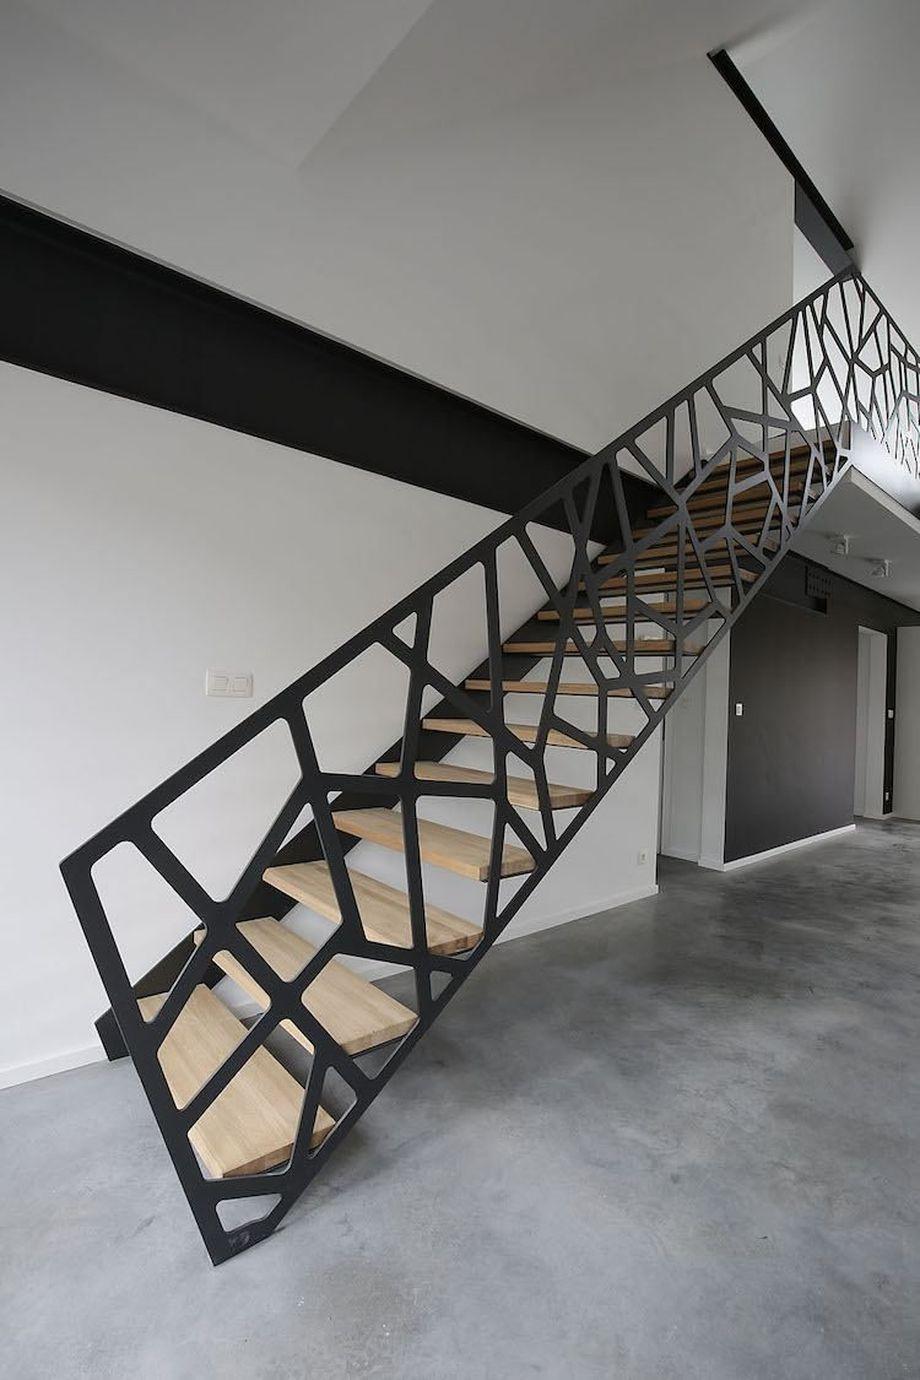 100 Fantastique Concepts Barriere Escalier Sans Rampe